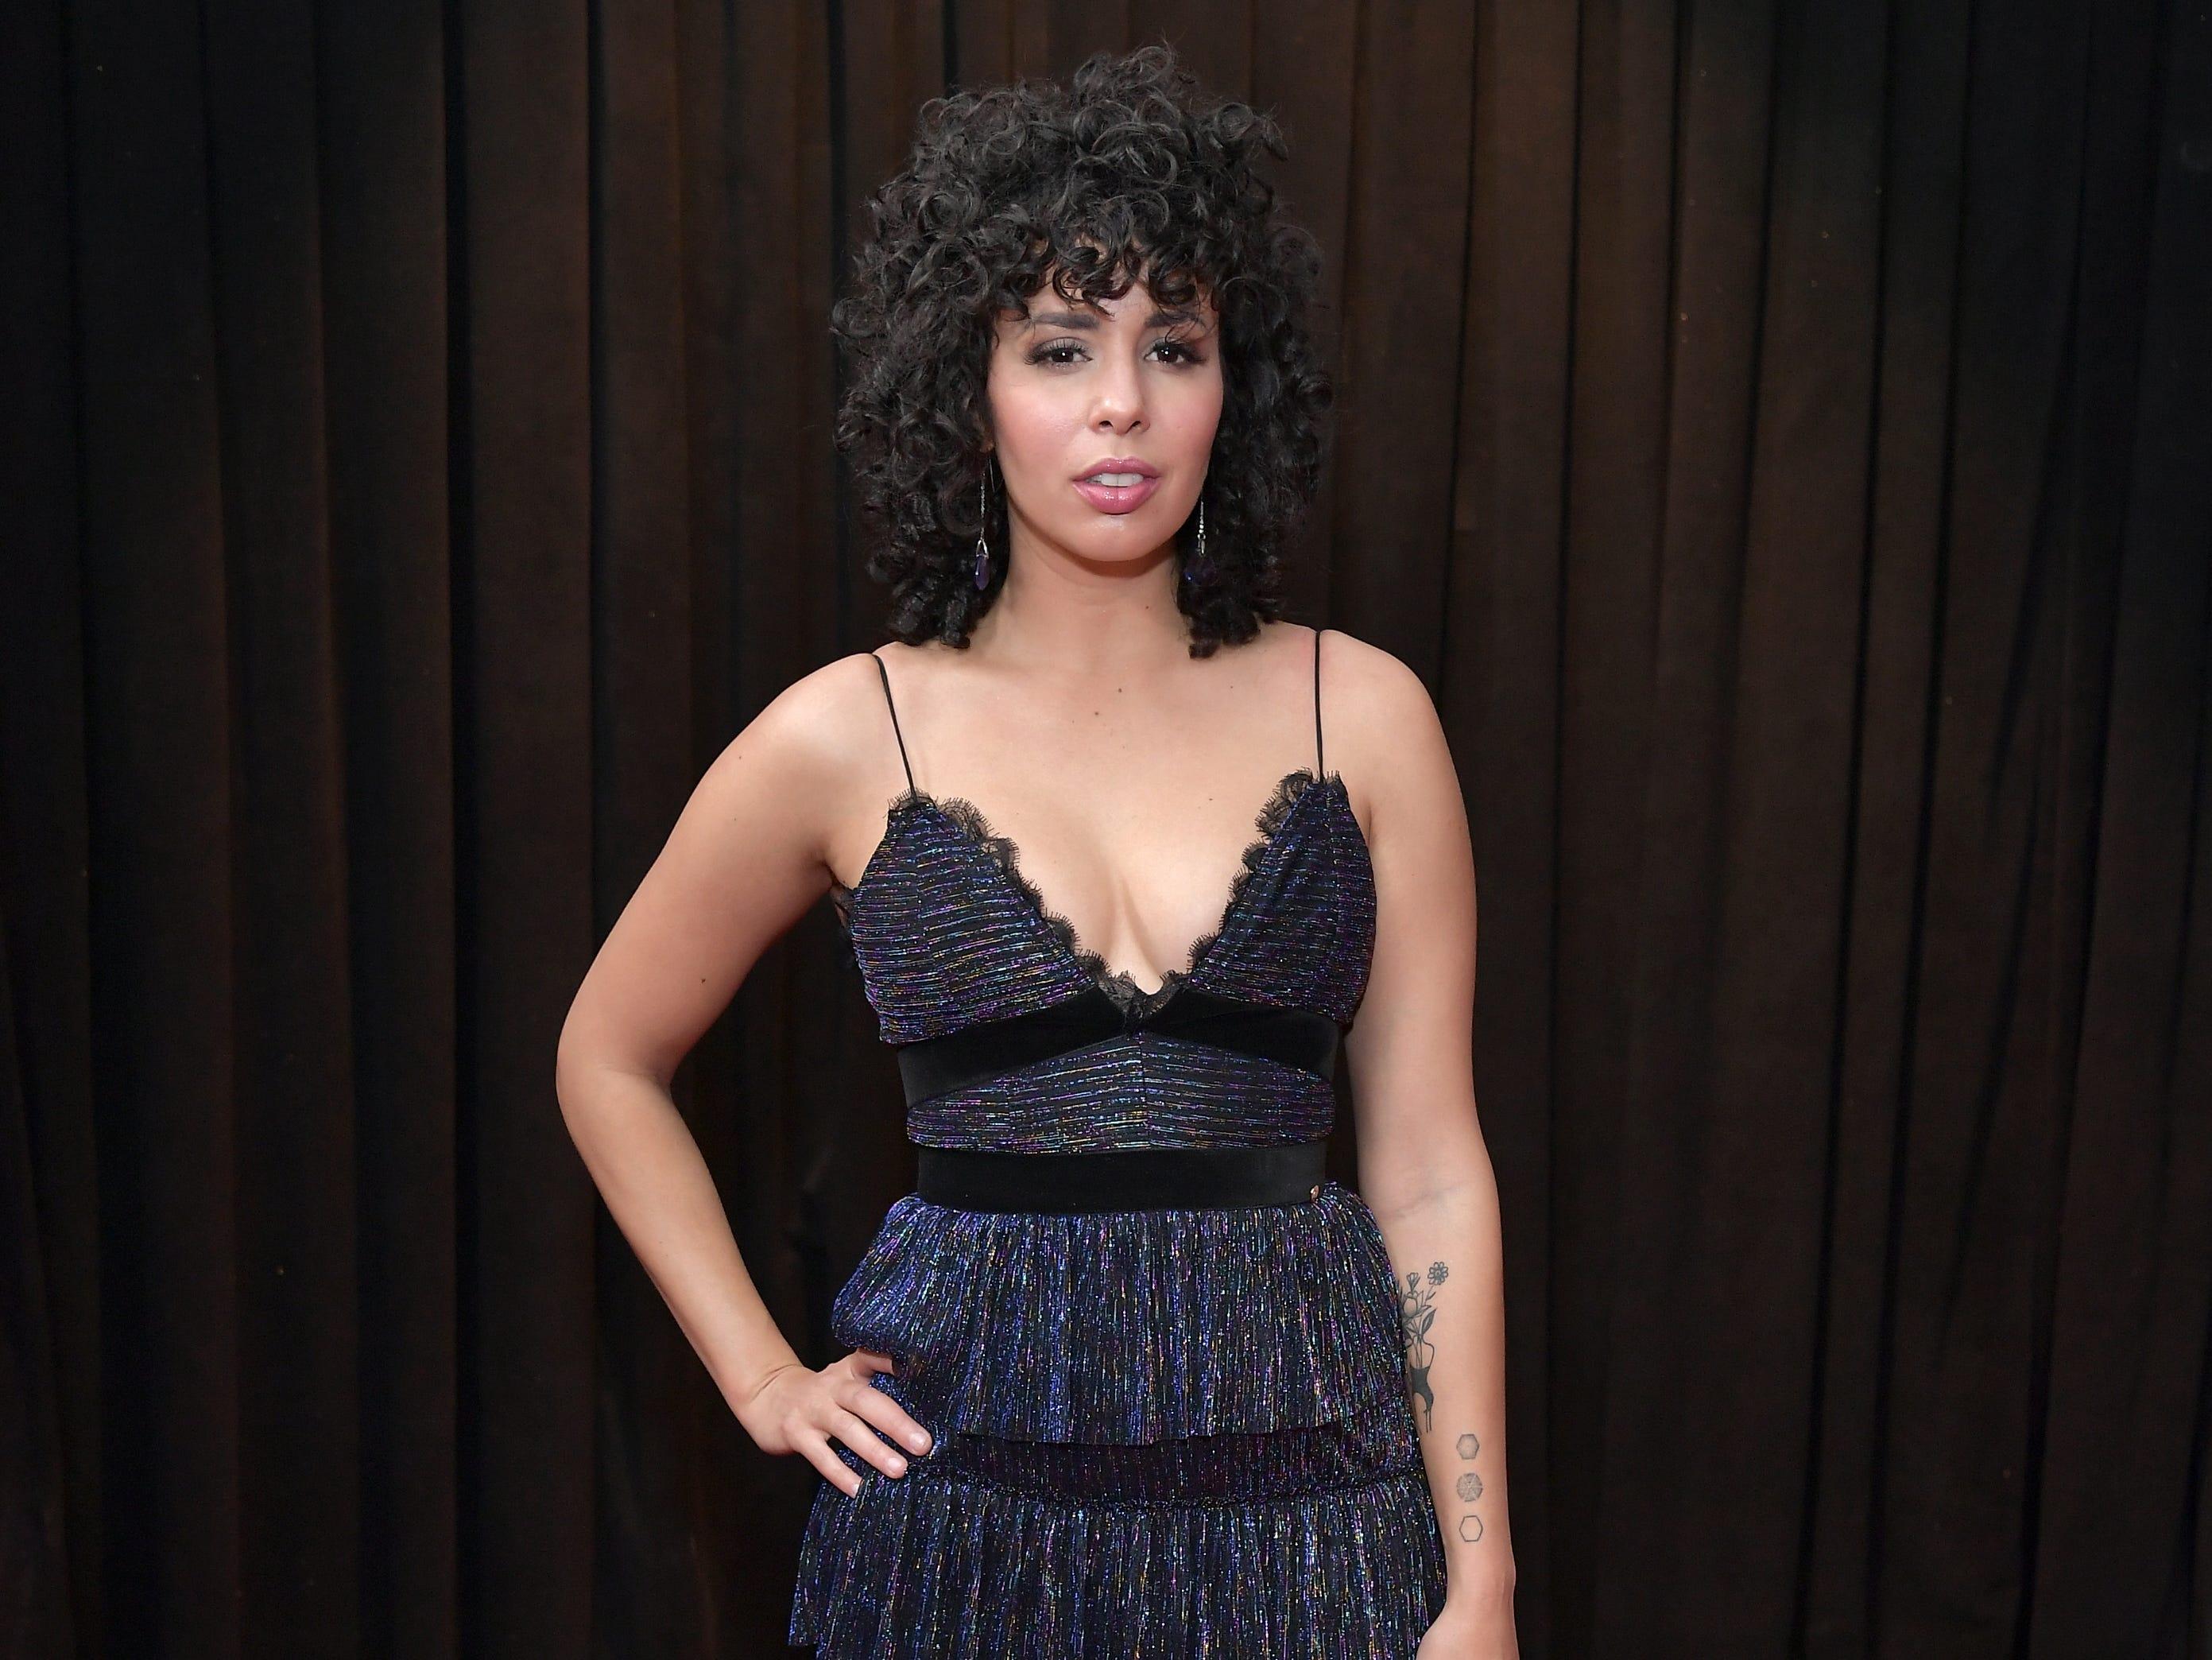 Raquel Sofía asiste a la 61ª edición de los premios GRAMMY en el Staples Center el 10 de febrero de 2019 en Los Ángeles, California.